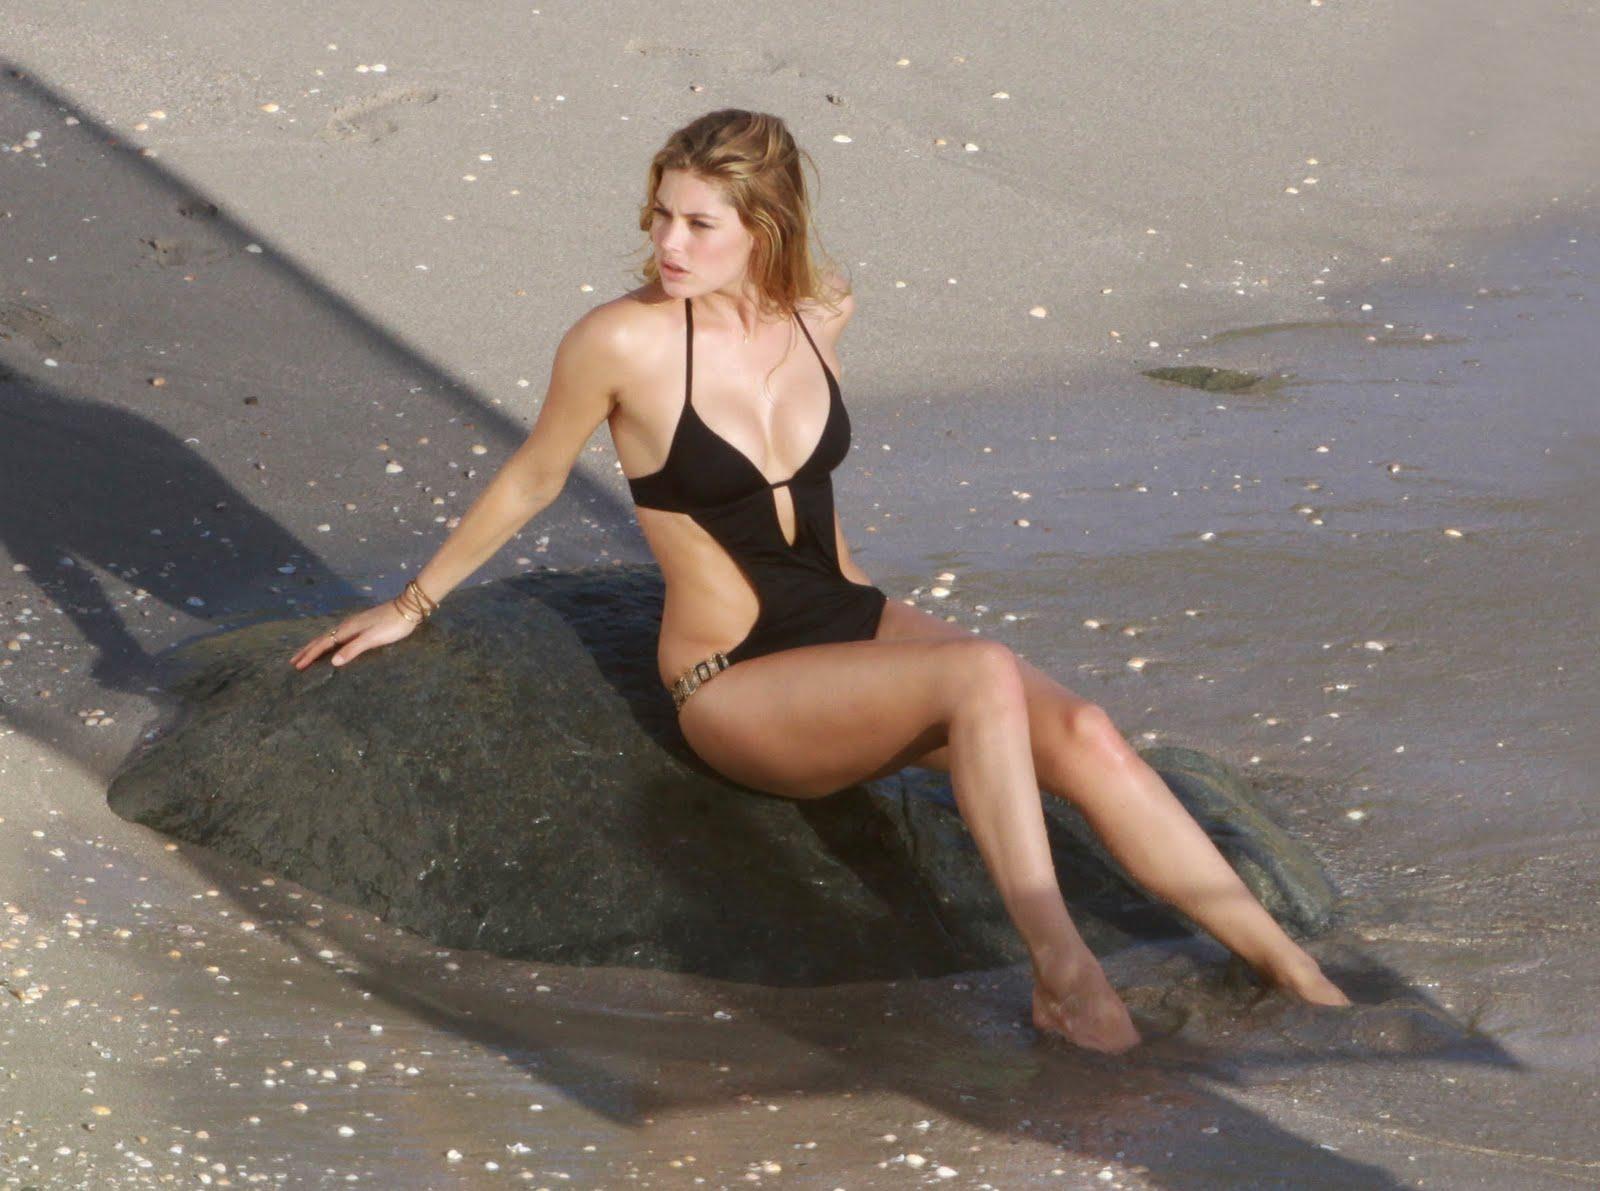 http://4.bp.blogspot.com/-Lx8oqQqGpVQ/TnameclCzdI/AAAAAAAAA_g/U20NOAAHDNY/s1600/Doutzen+Kroes+bikini+%25289%2529.jpg